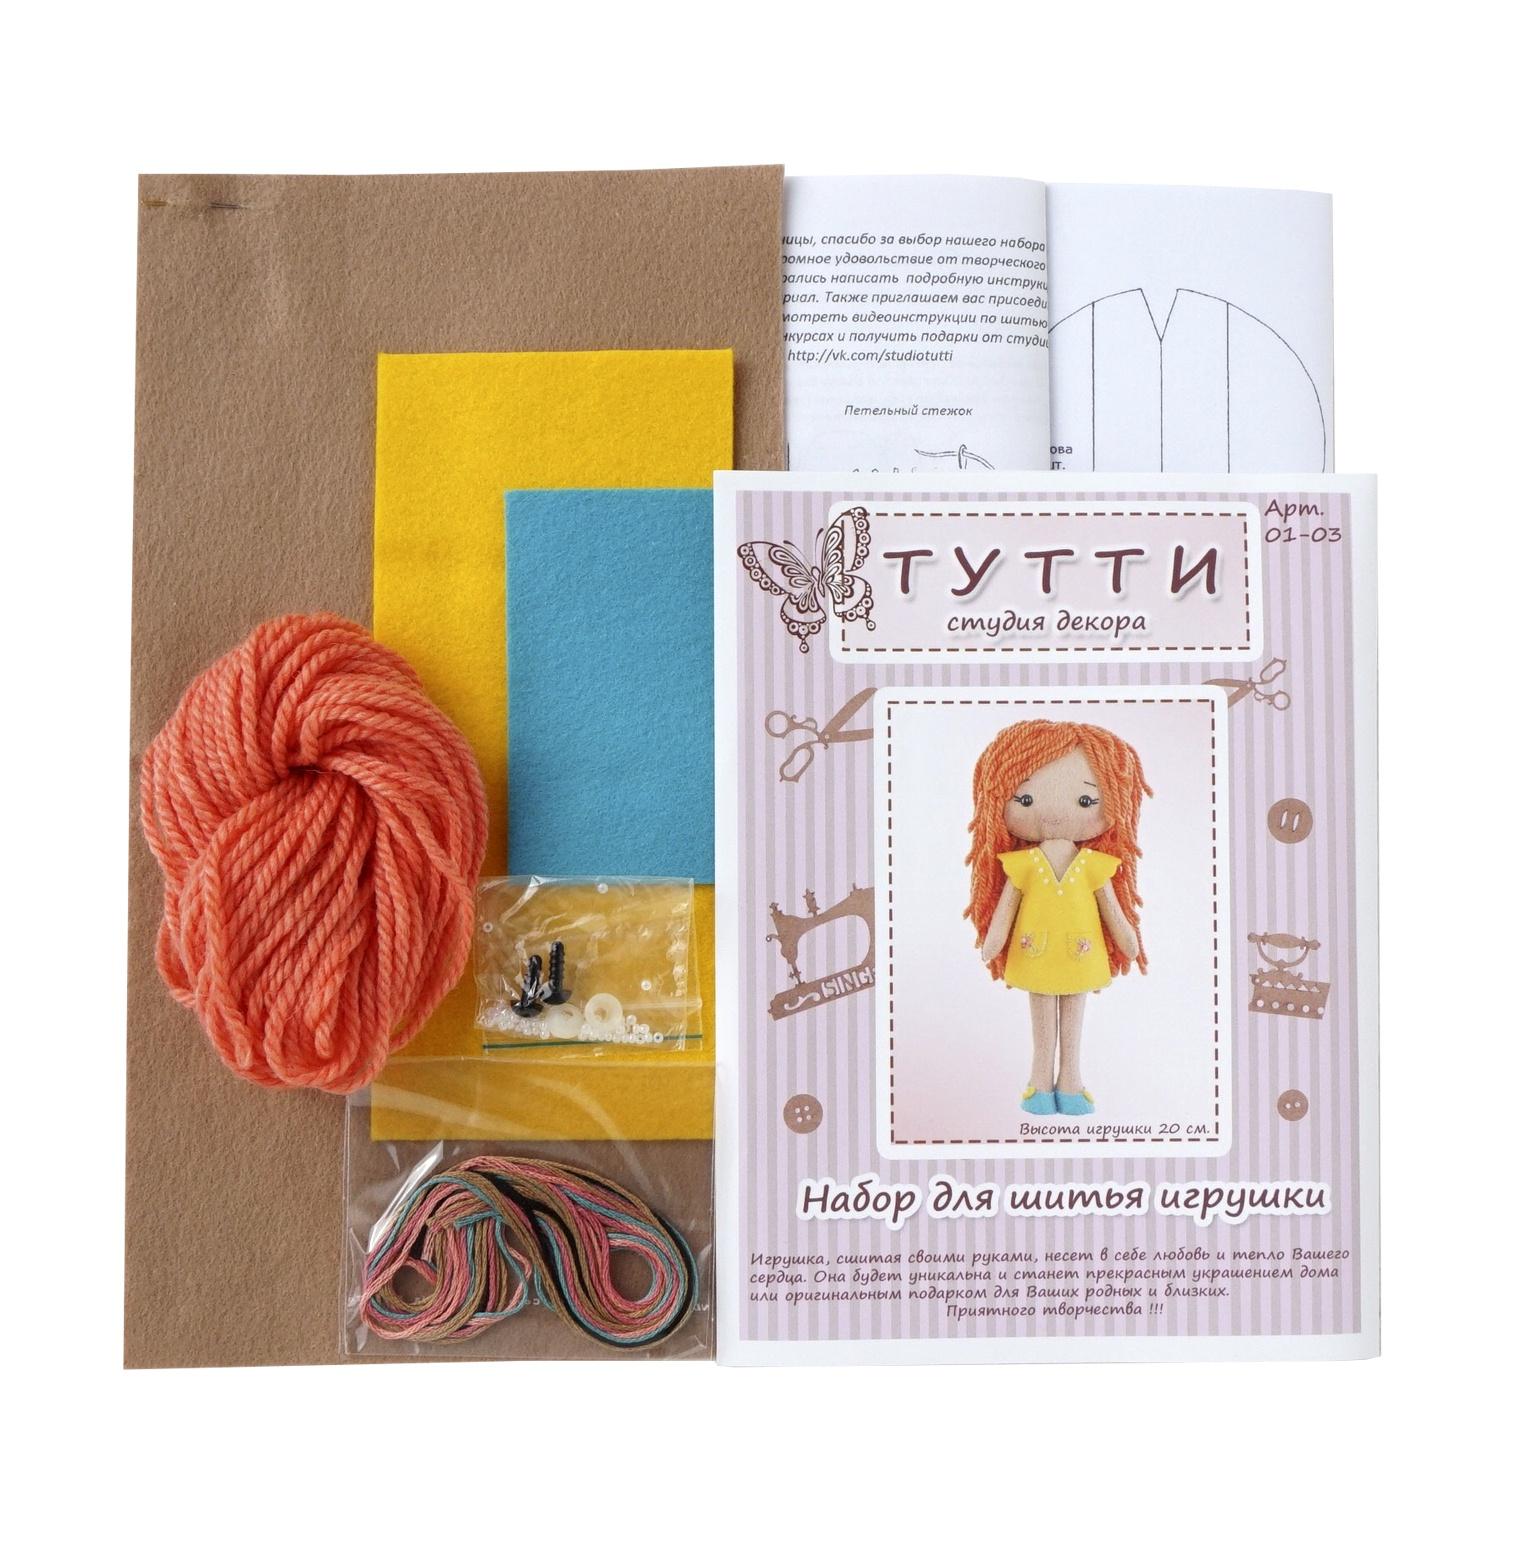 Набор для шитья игрушки из фетра Тутти